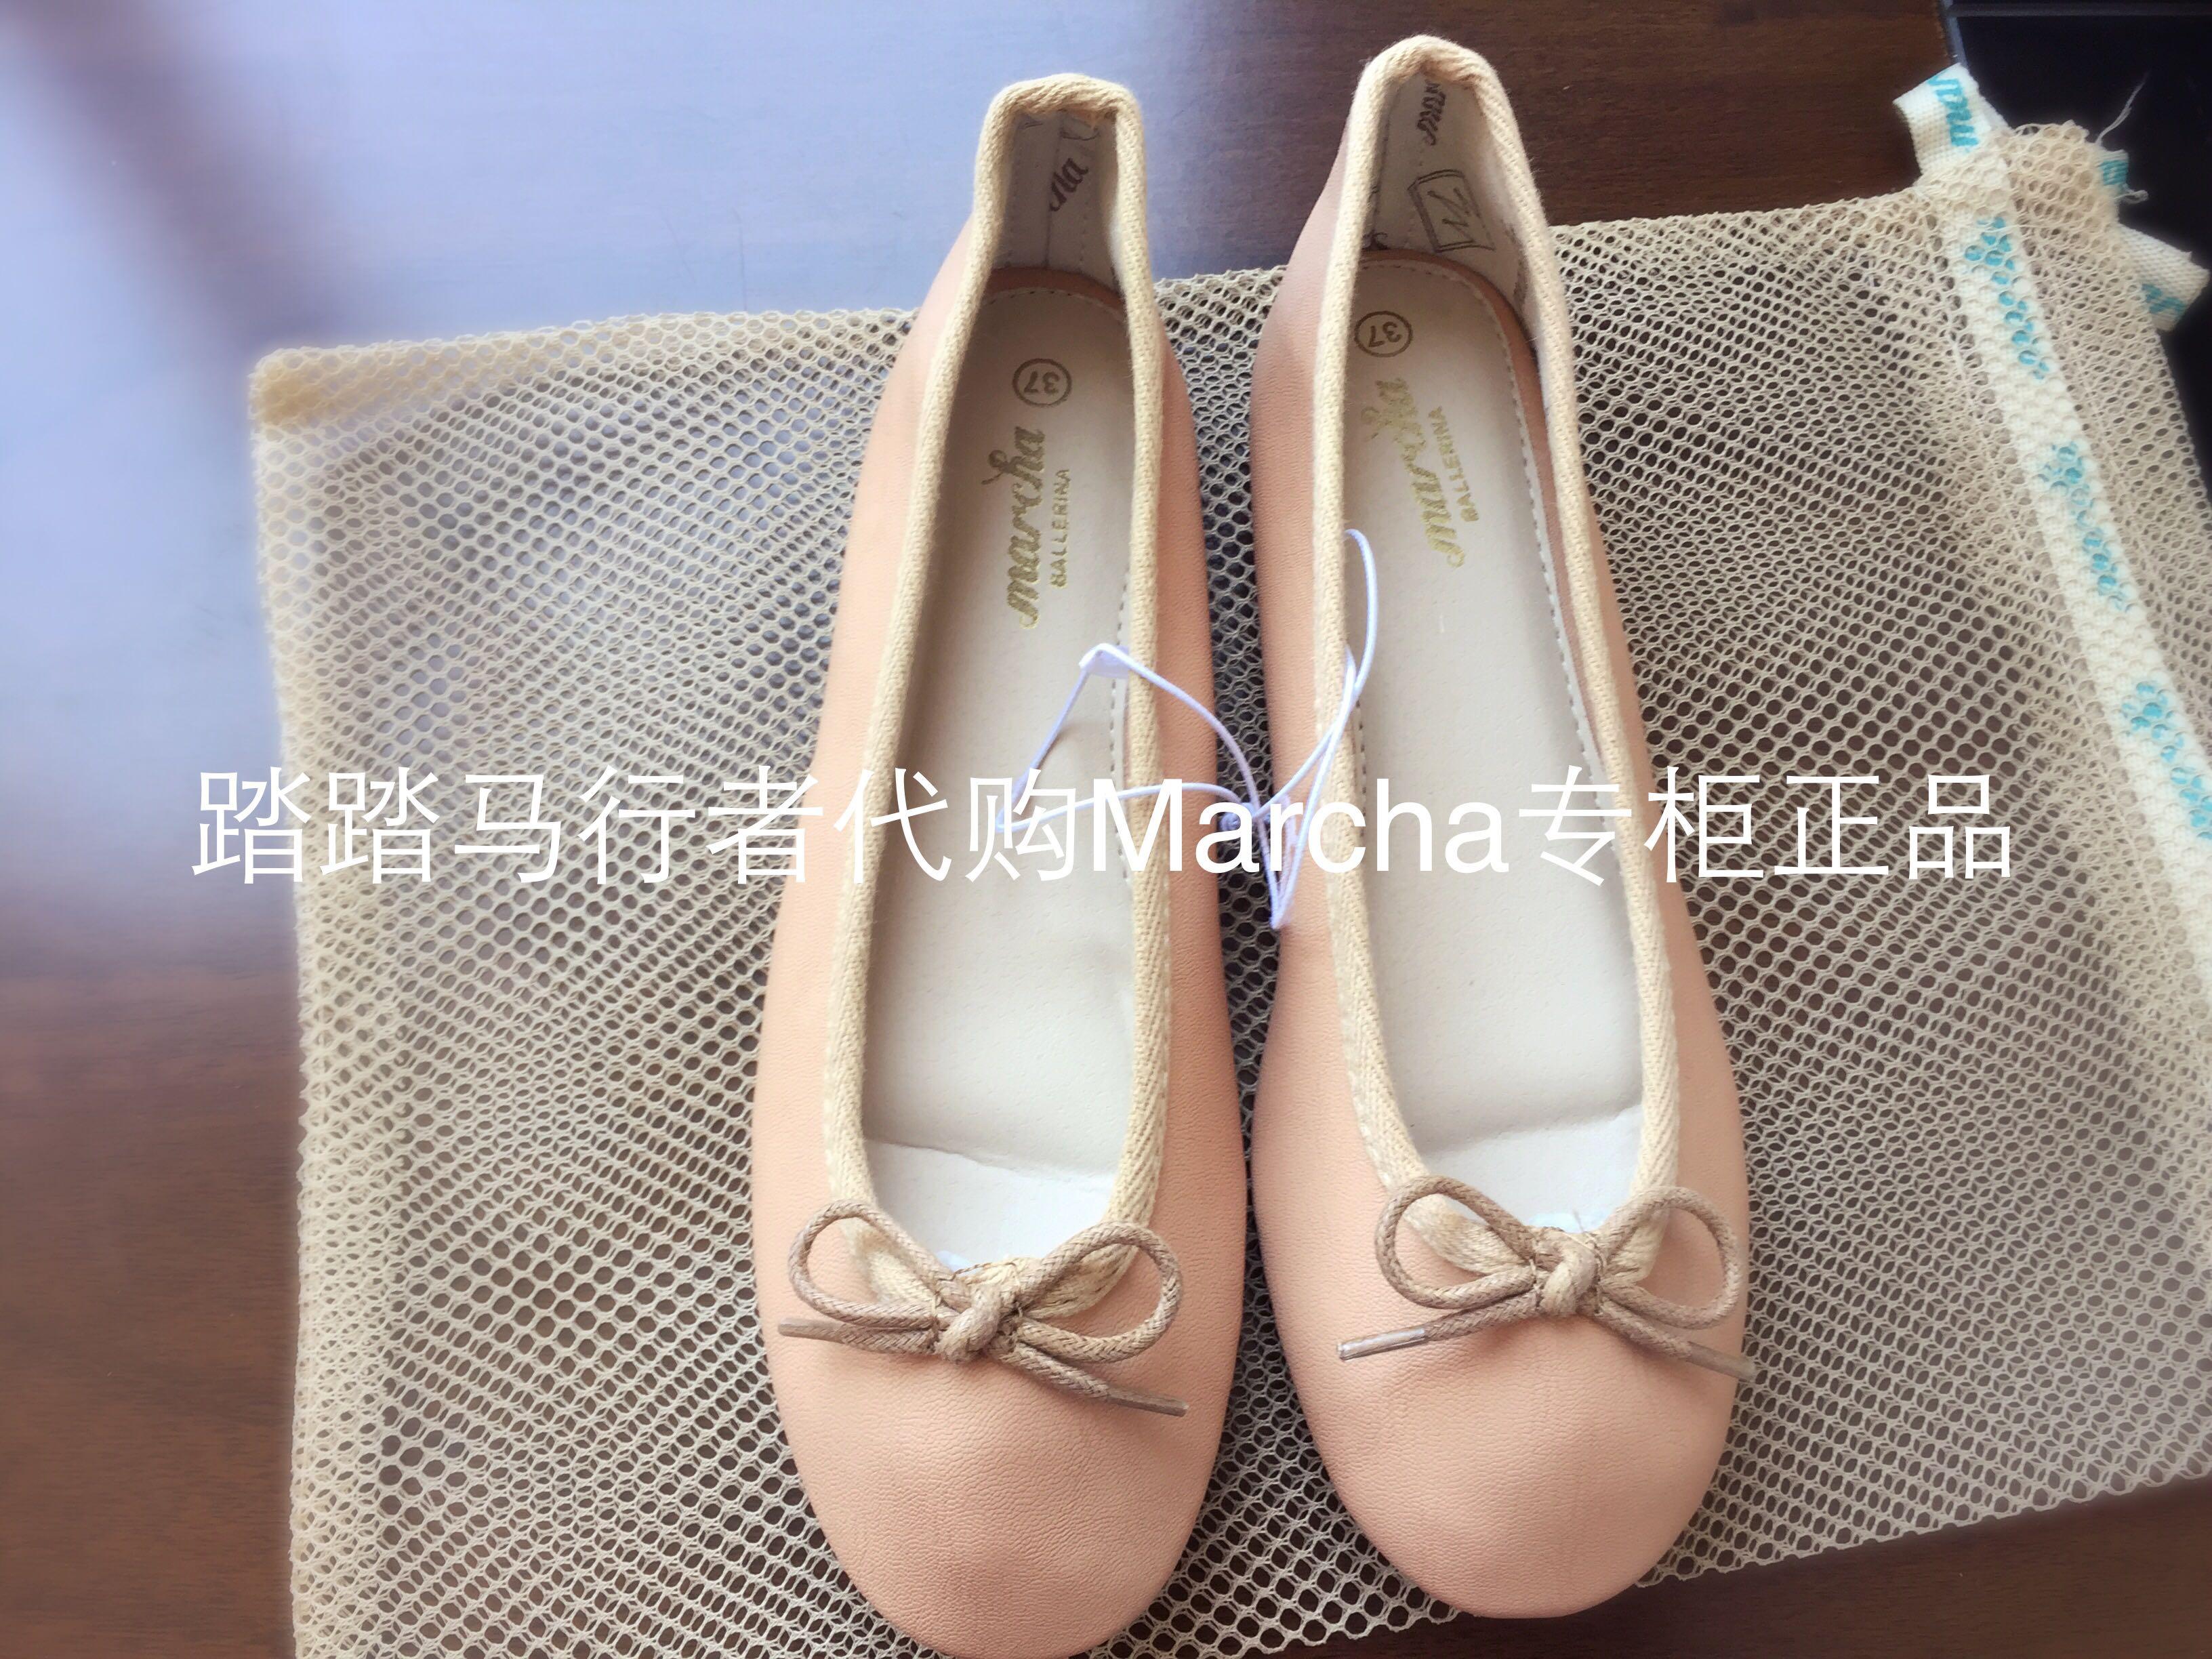 春夏新款香港專櫃代marcha芭蕾舞鞋粉色平底單鞋女蝴蝶結圓頭淺口